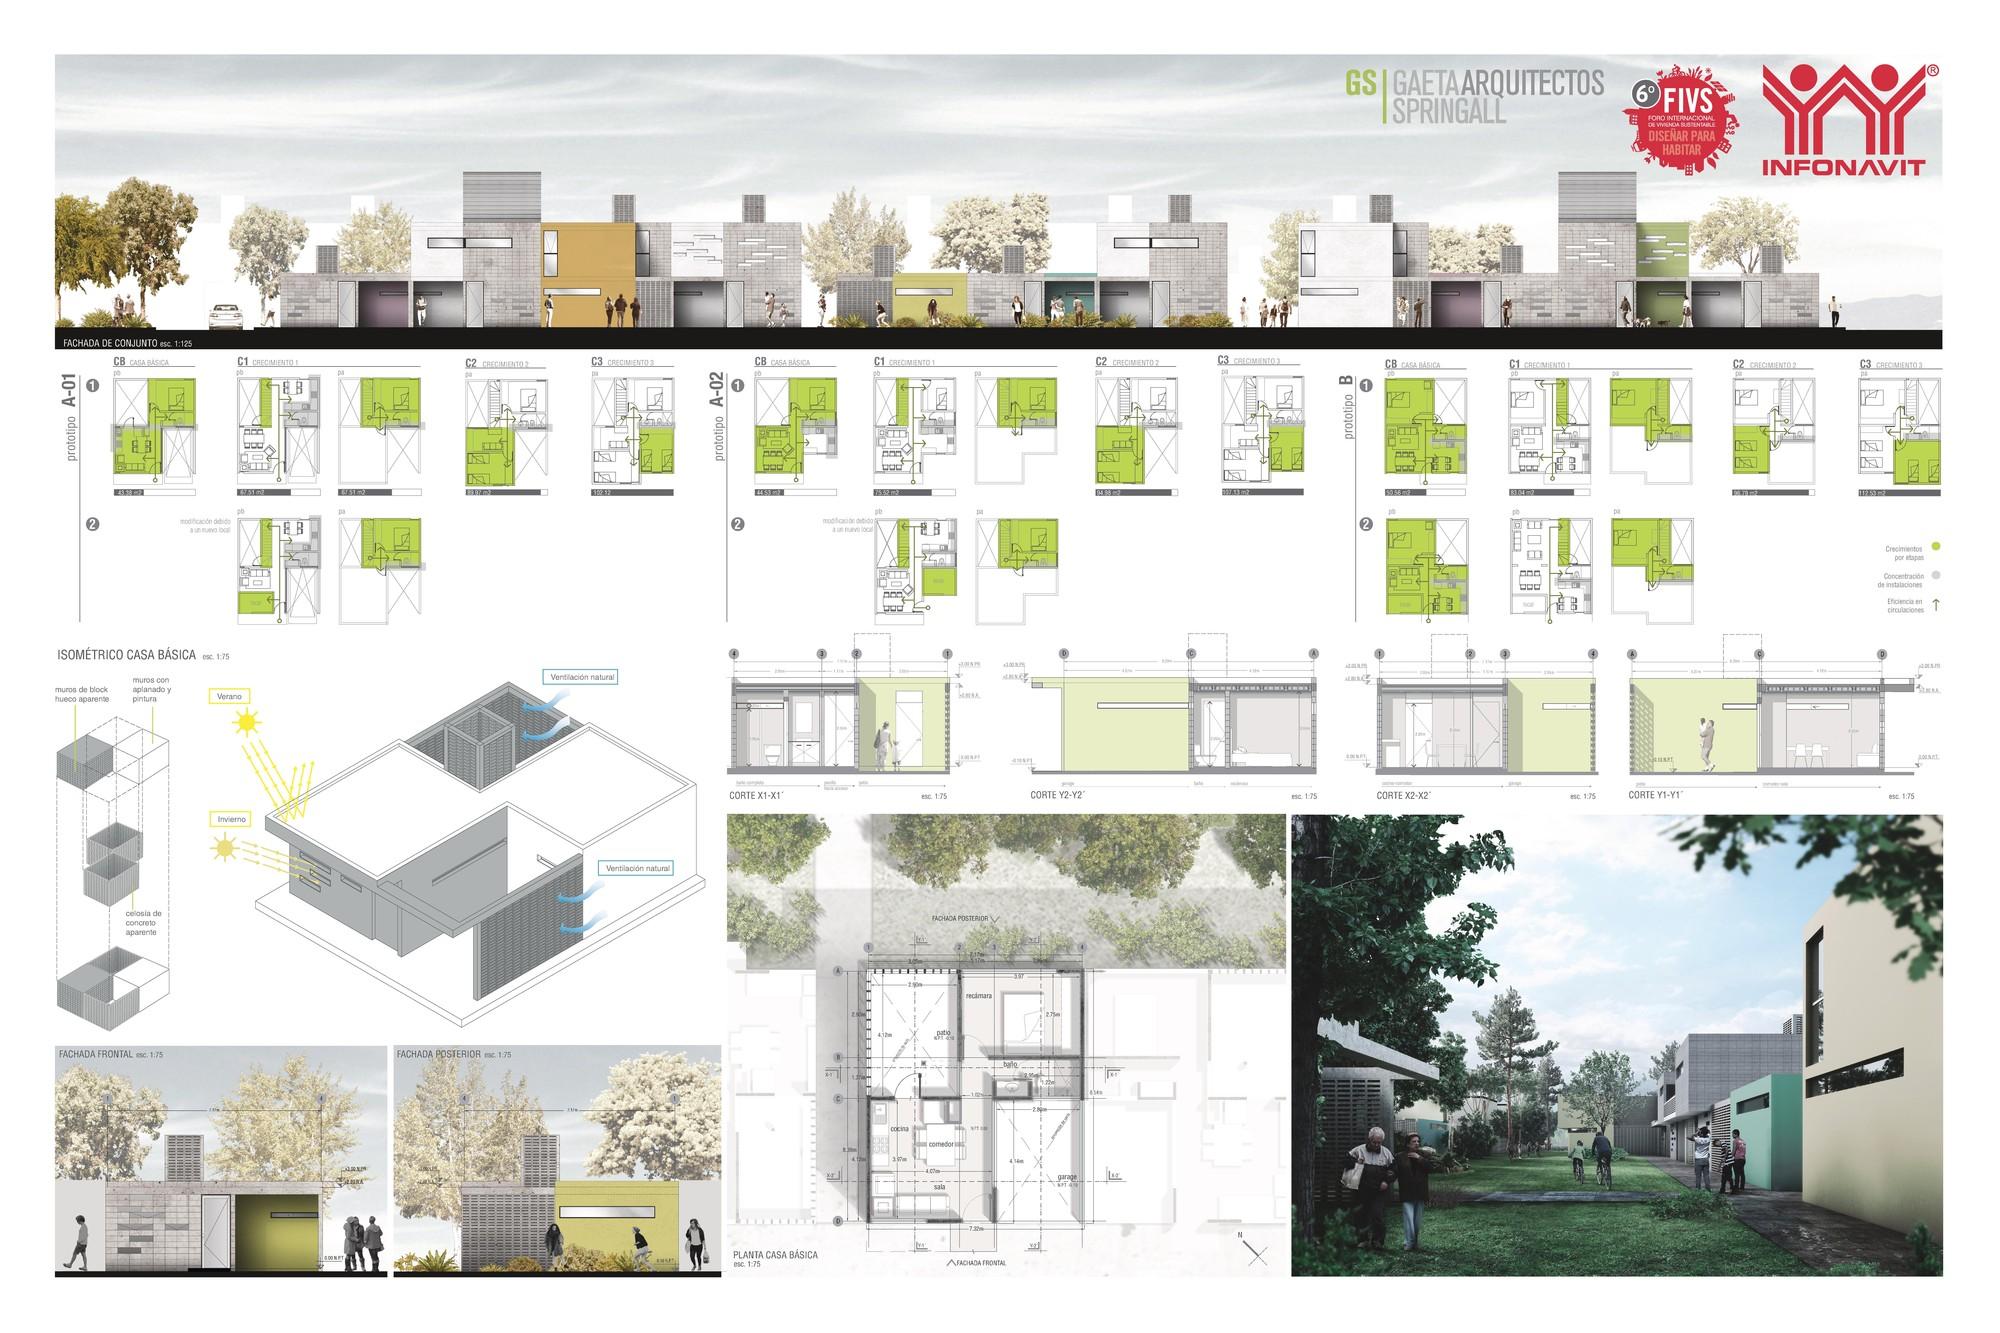 Galer a de vivienda unifamiliar regional 32 entidades for Ideas para reformar una vivienda